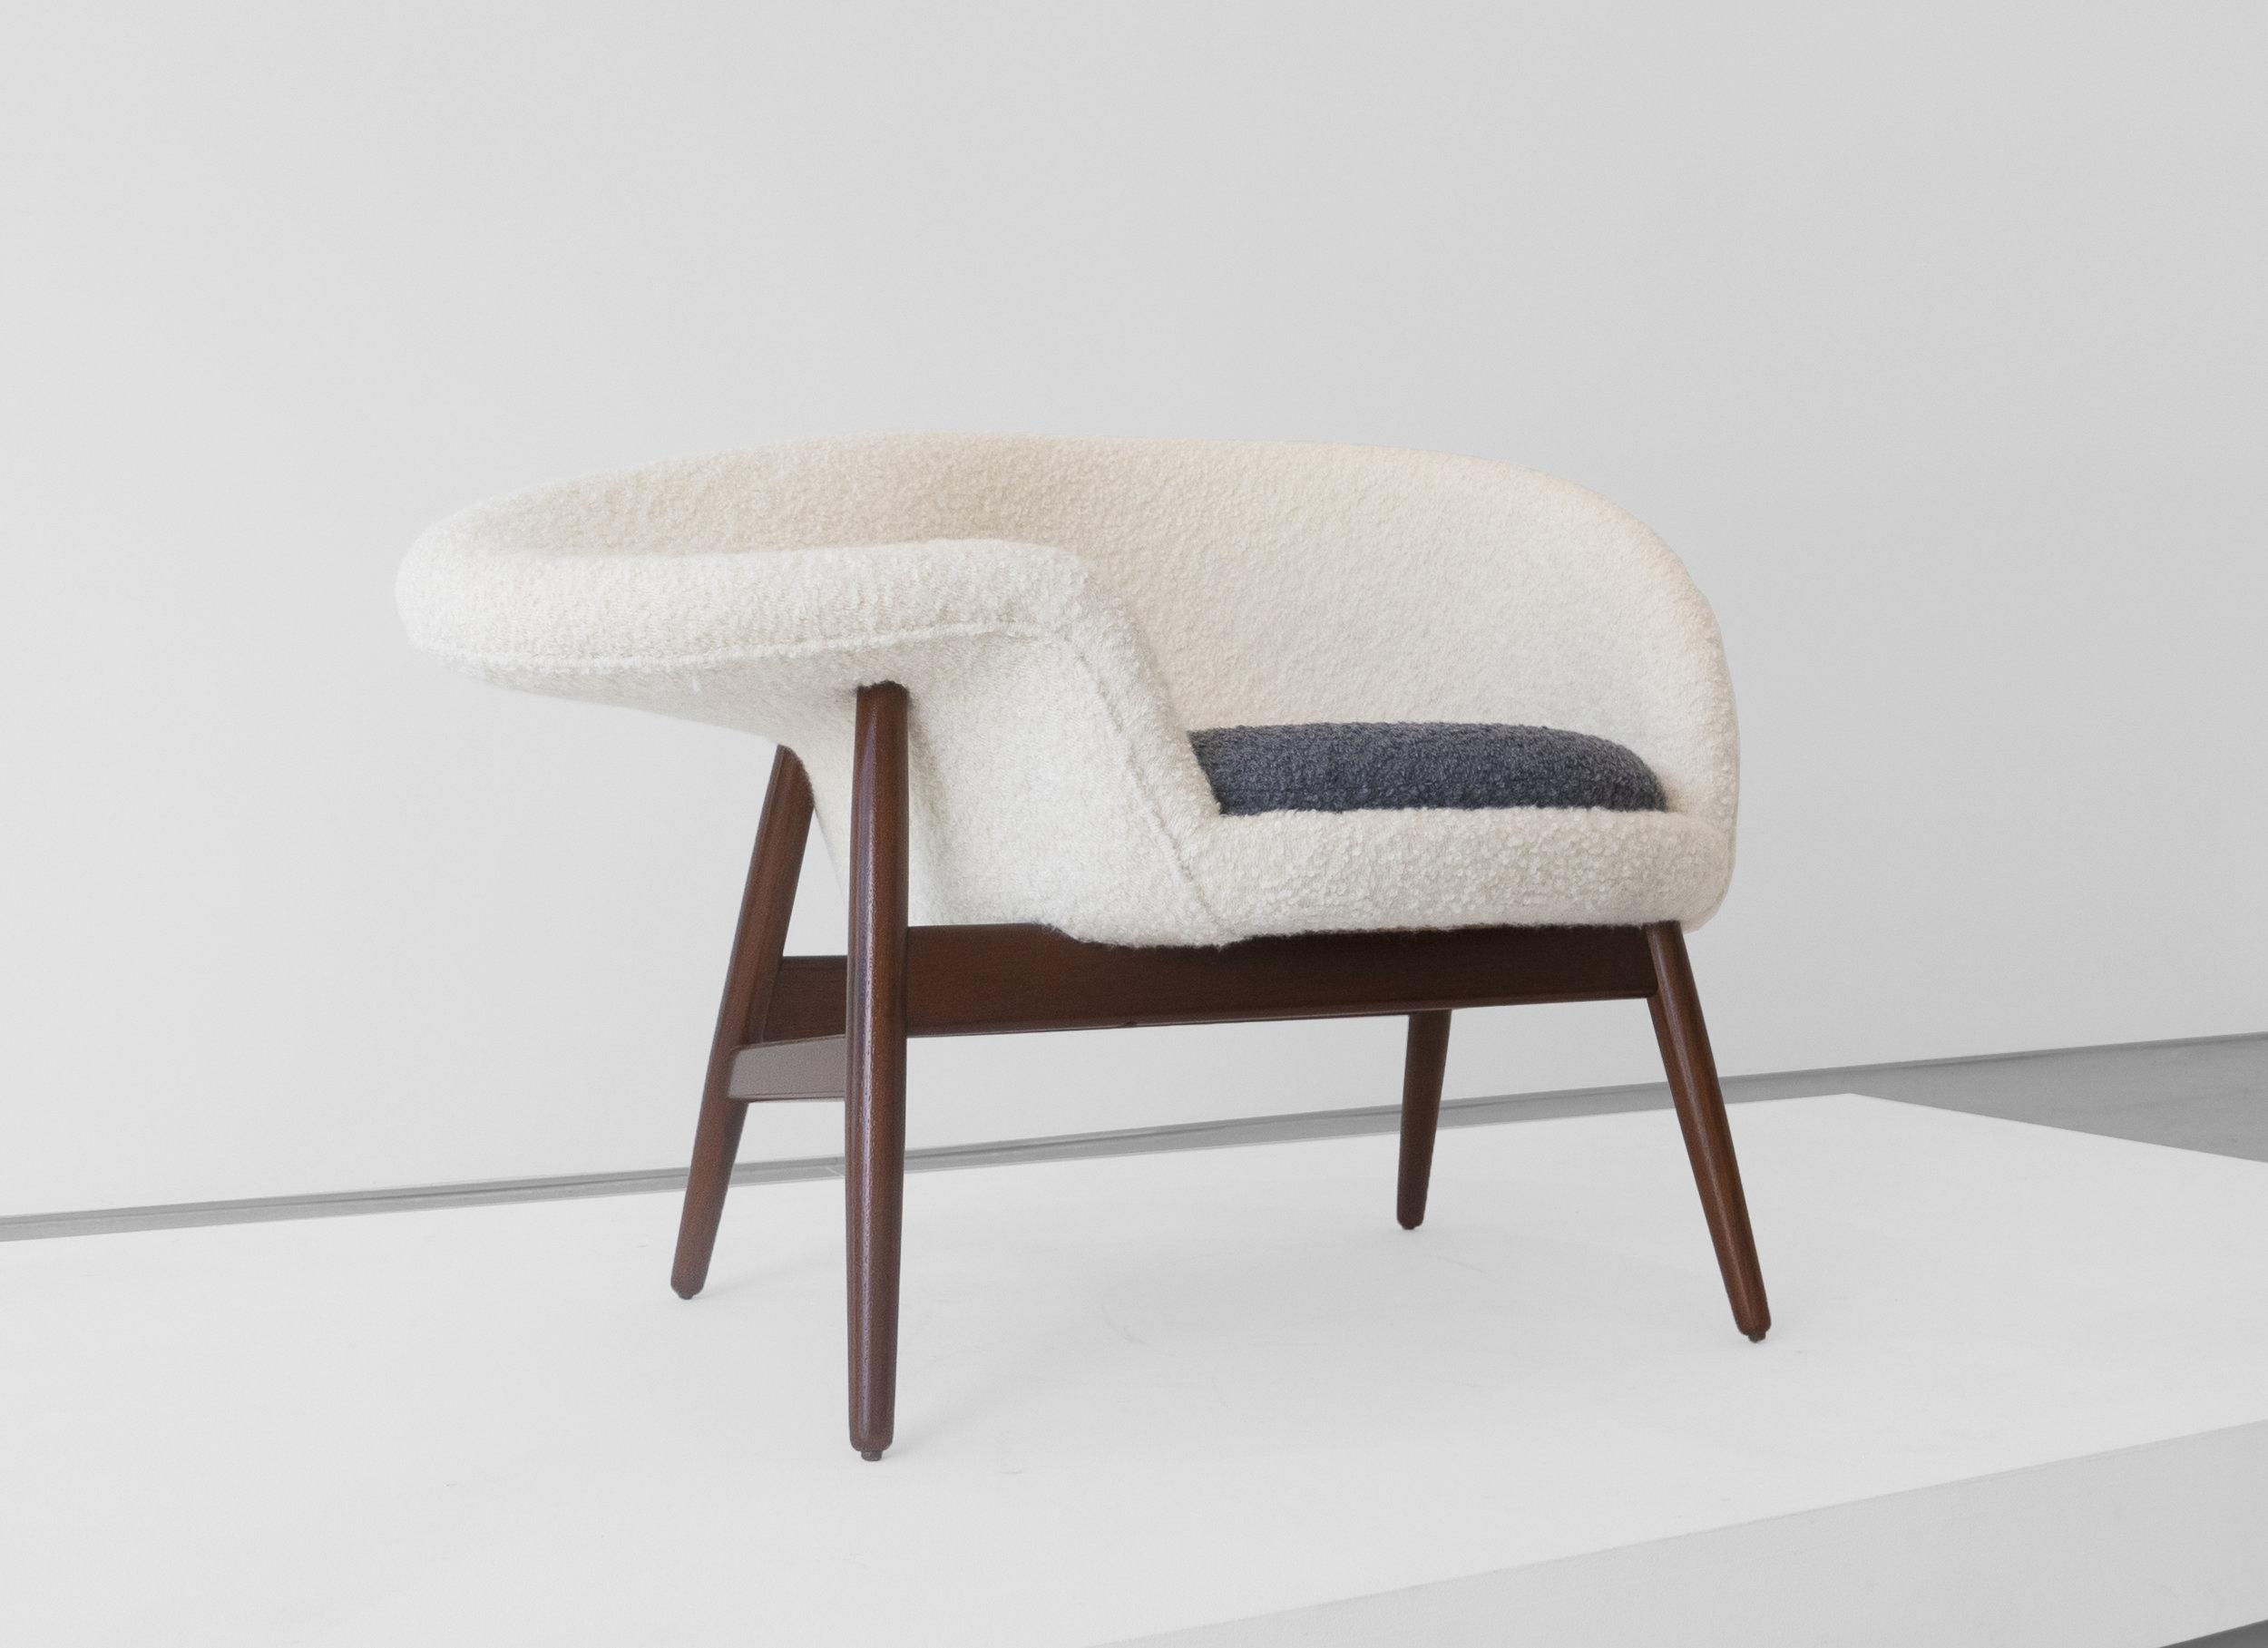 """Hans Olsen, """"Fried Egg"""" Chair 2, c. 1956, Teak, Upholstery, 26 H x 40 W x 30 D inches_3.jpg"""